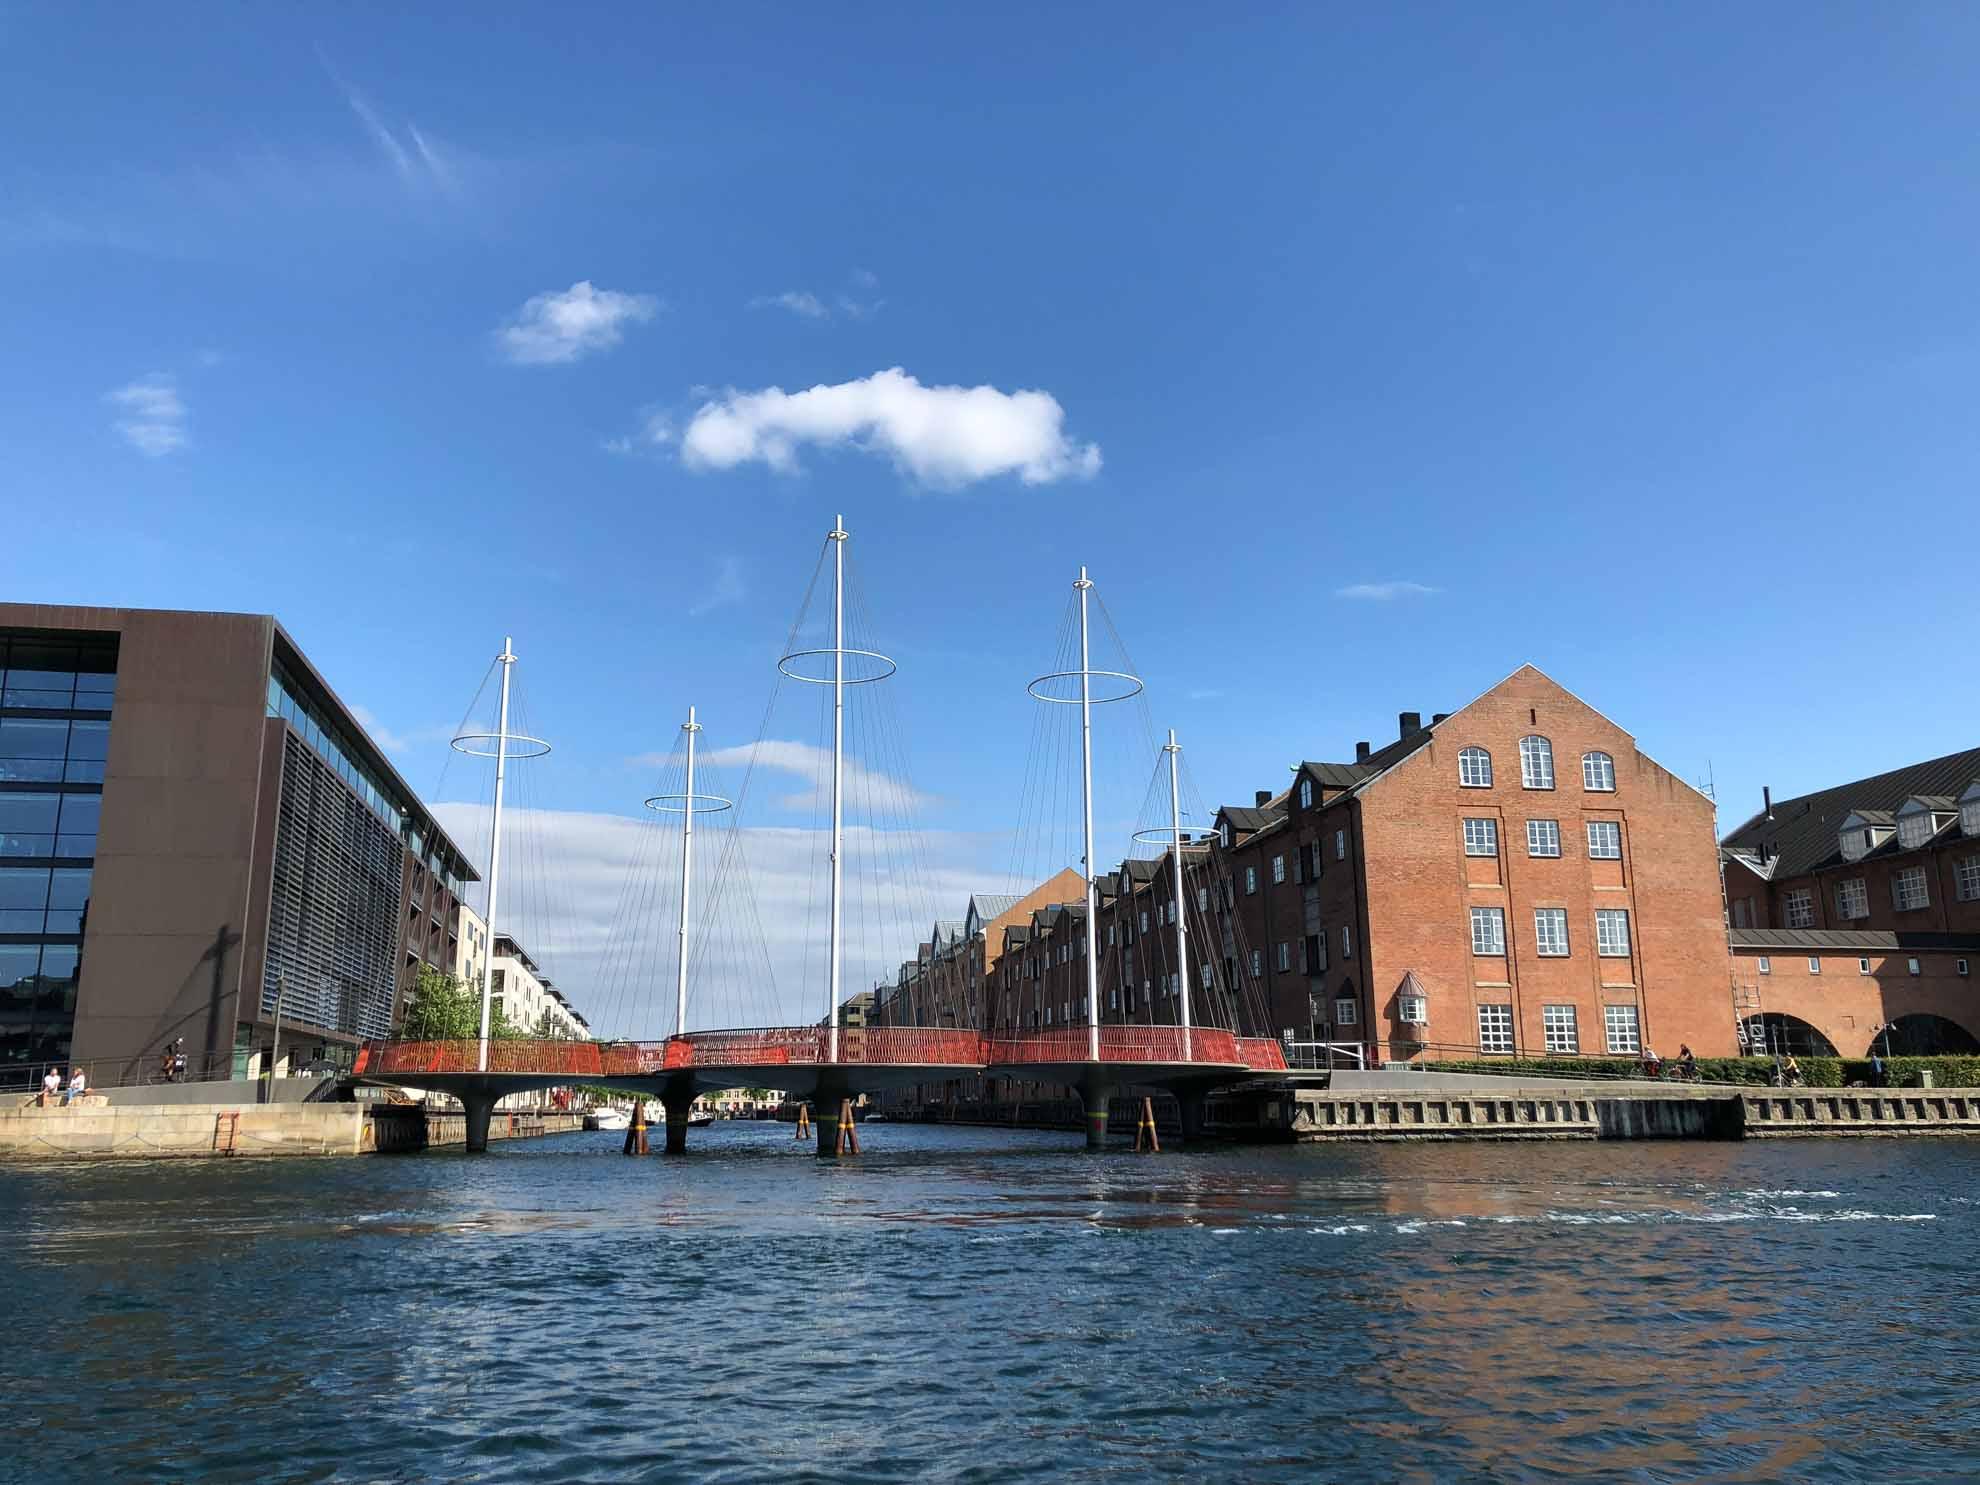 Für den nächsten Tag steht die ausführliche Erkundung Kopenhagens auf dem Programm. Besonders gut geht das mit einer Bootstour.